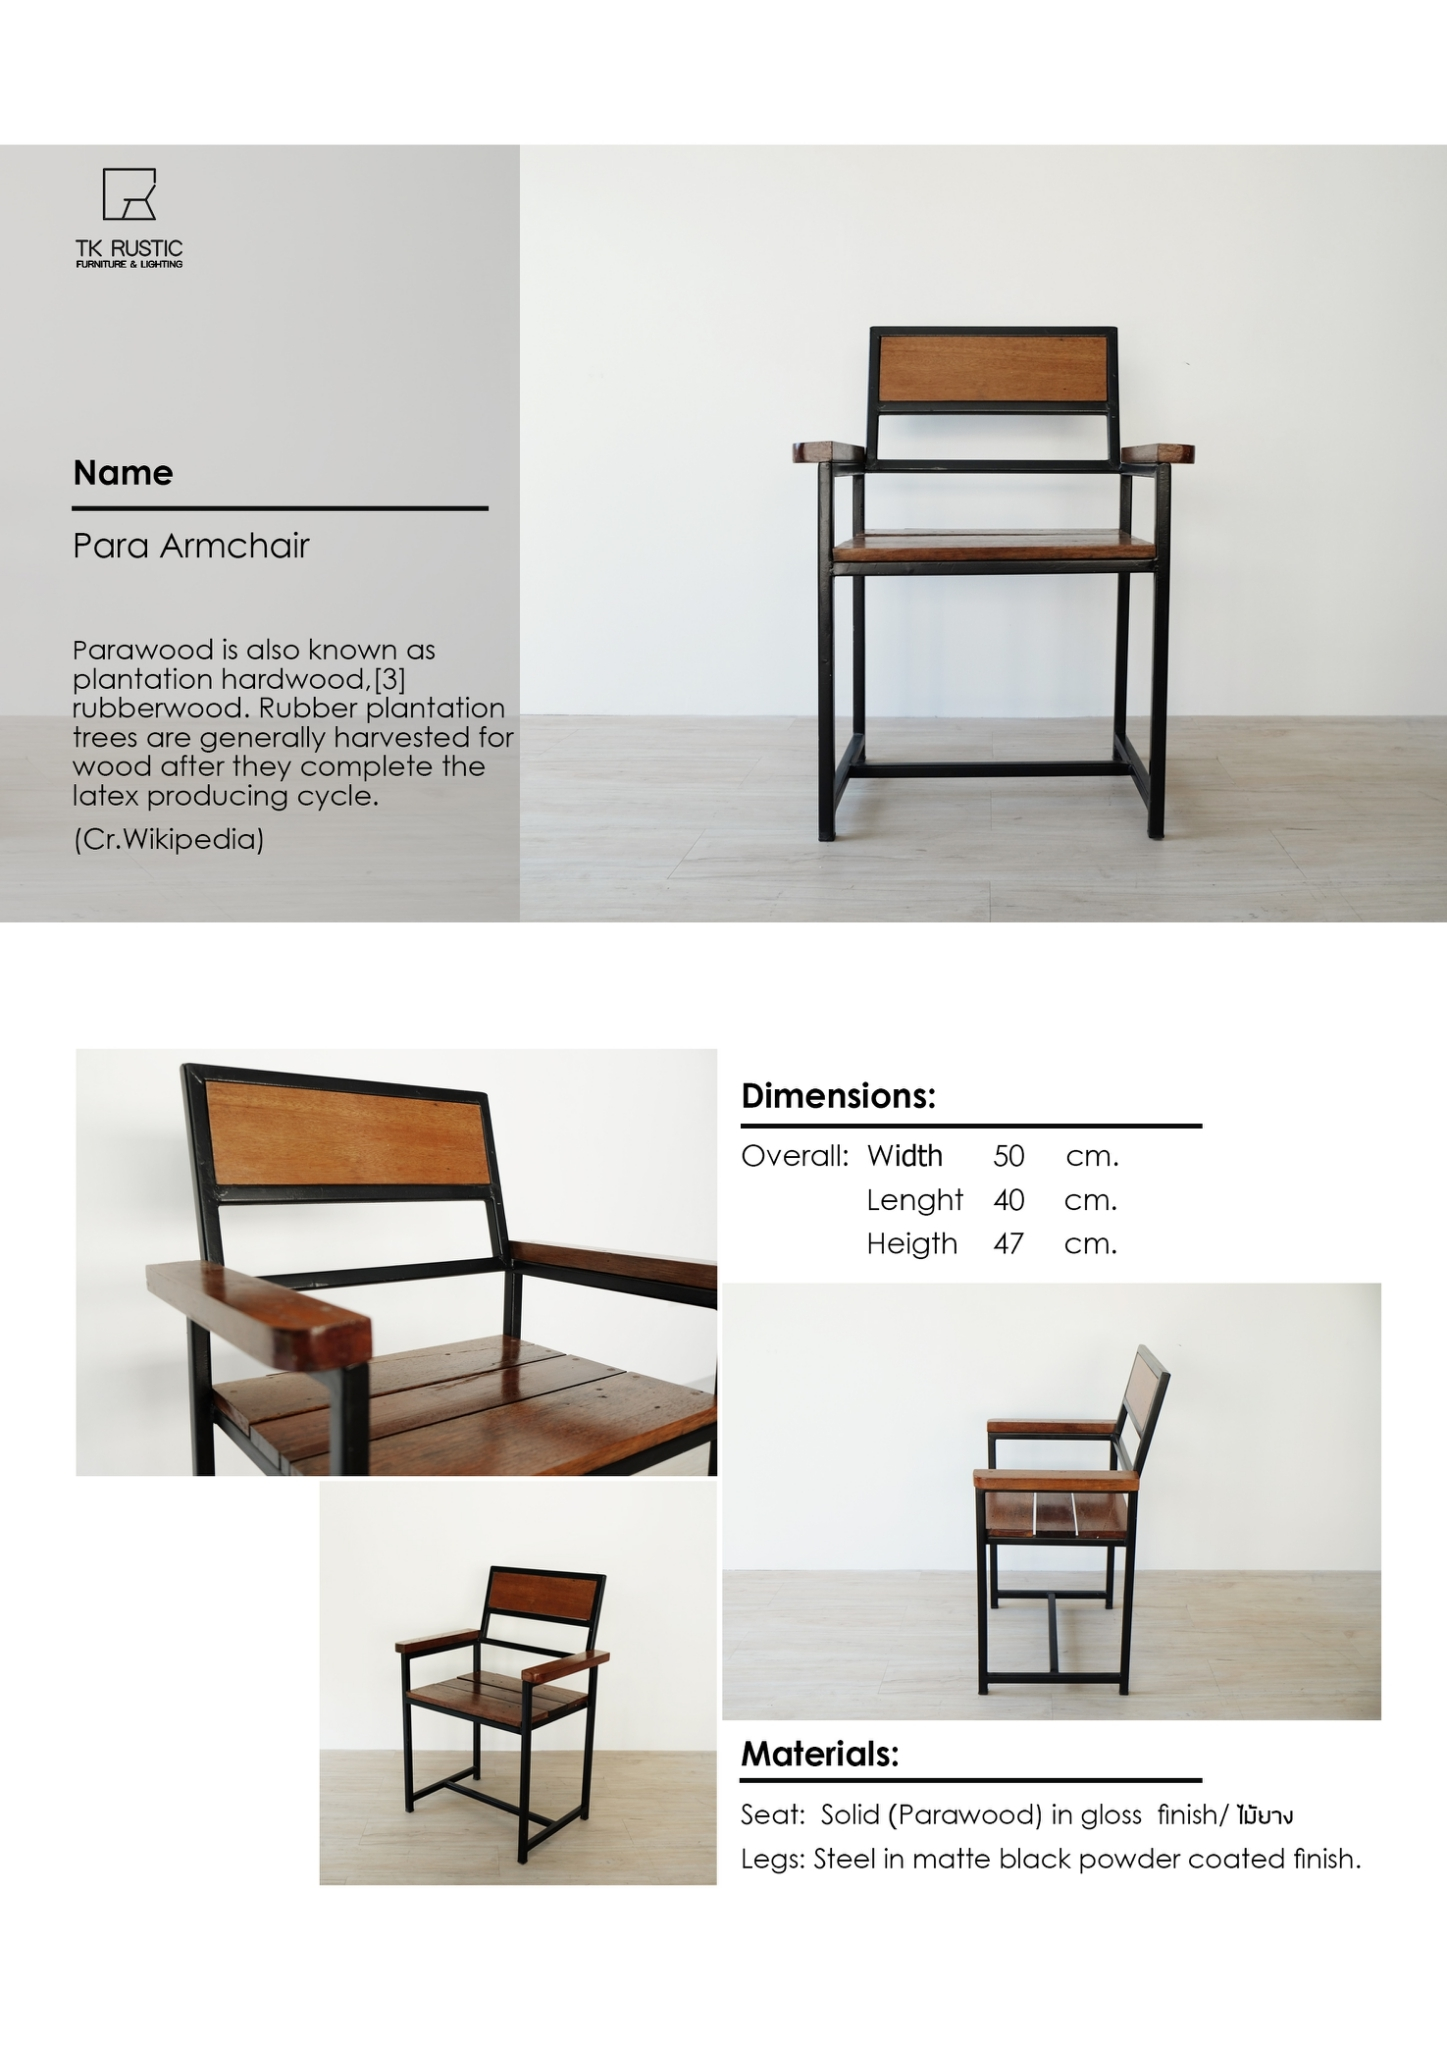 เก้าอี้กาแฟไม้ขาเหล็ก เฟอร์นิเจอร์ลอฟท์ เฟอร์นิเจอร์ร้านกาแฟ เฟอร์นิเจอร์หัวหิน